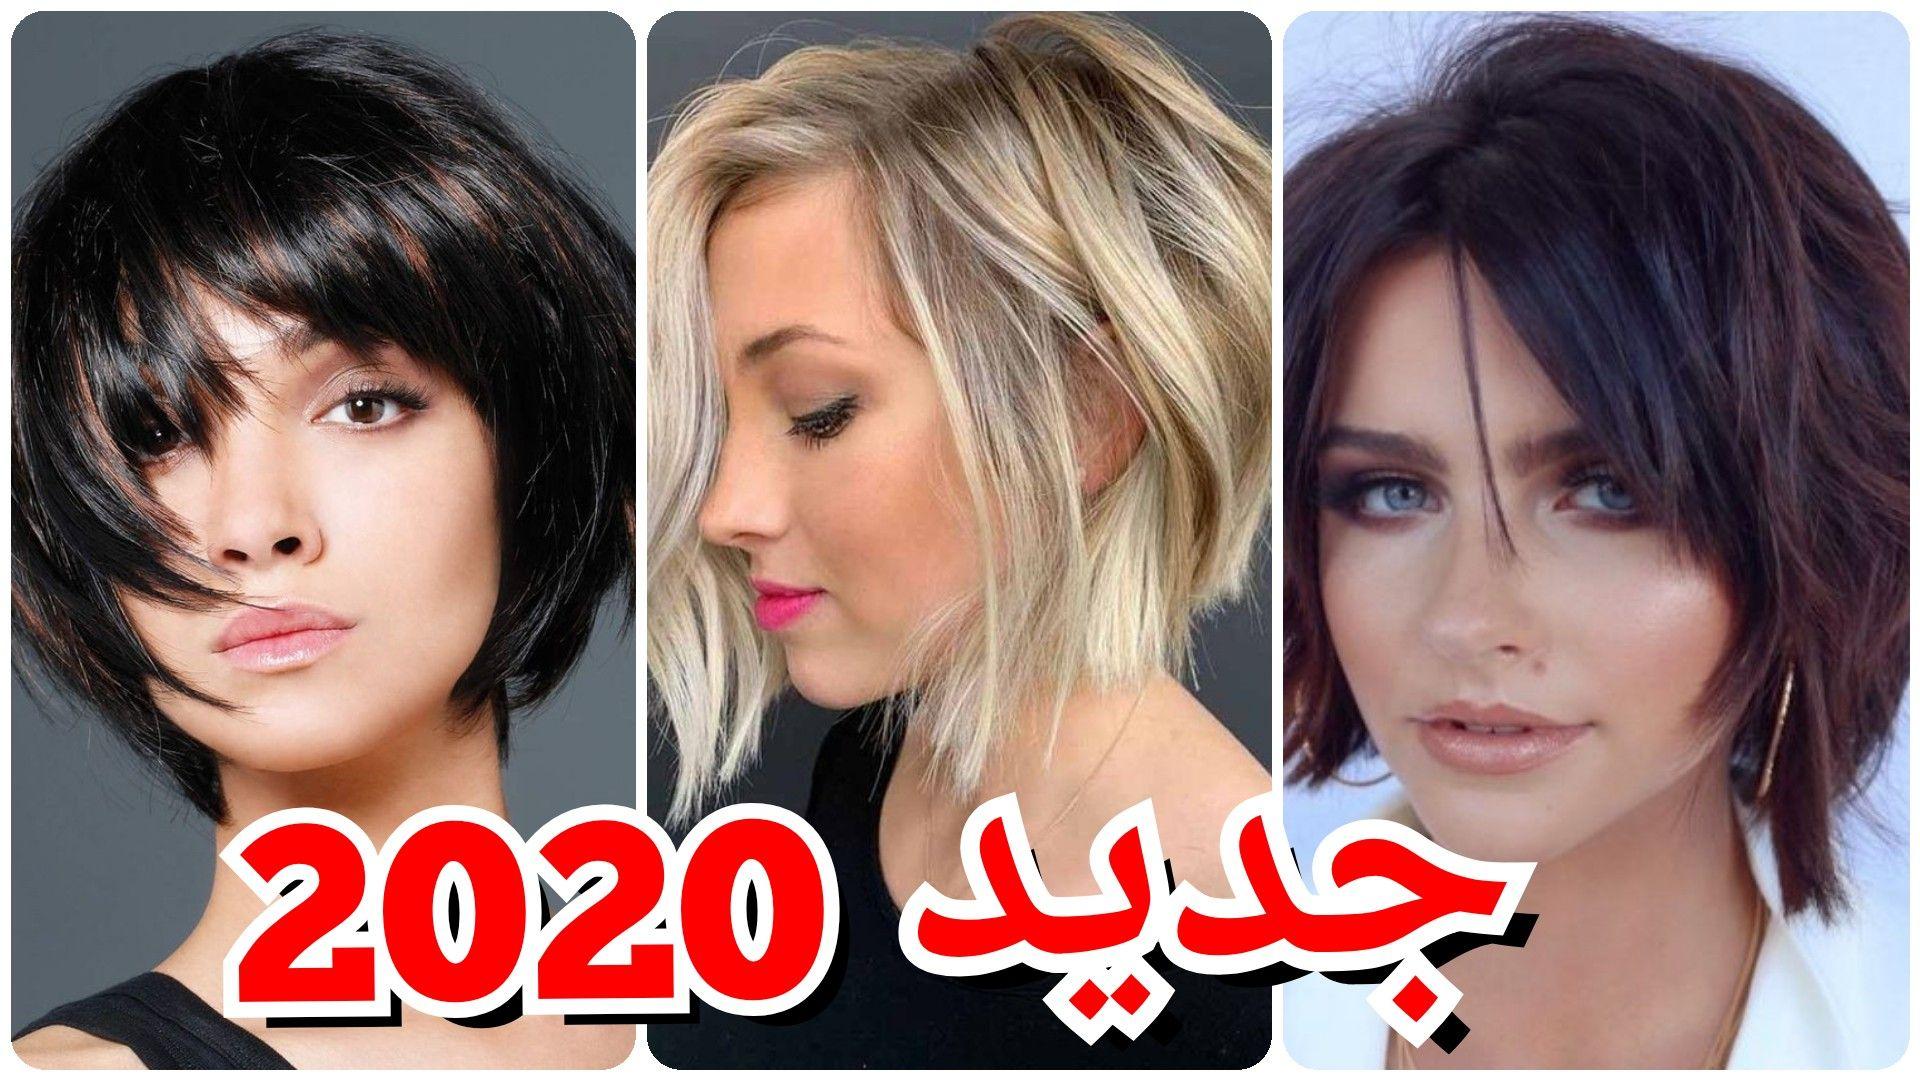 قصات شعر جديده مكياج صبغات الشعر 2020